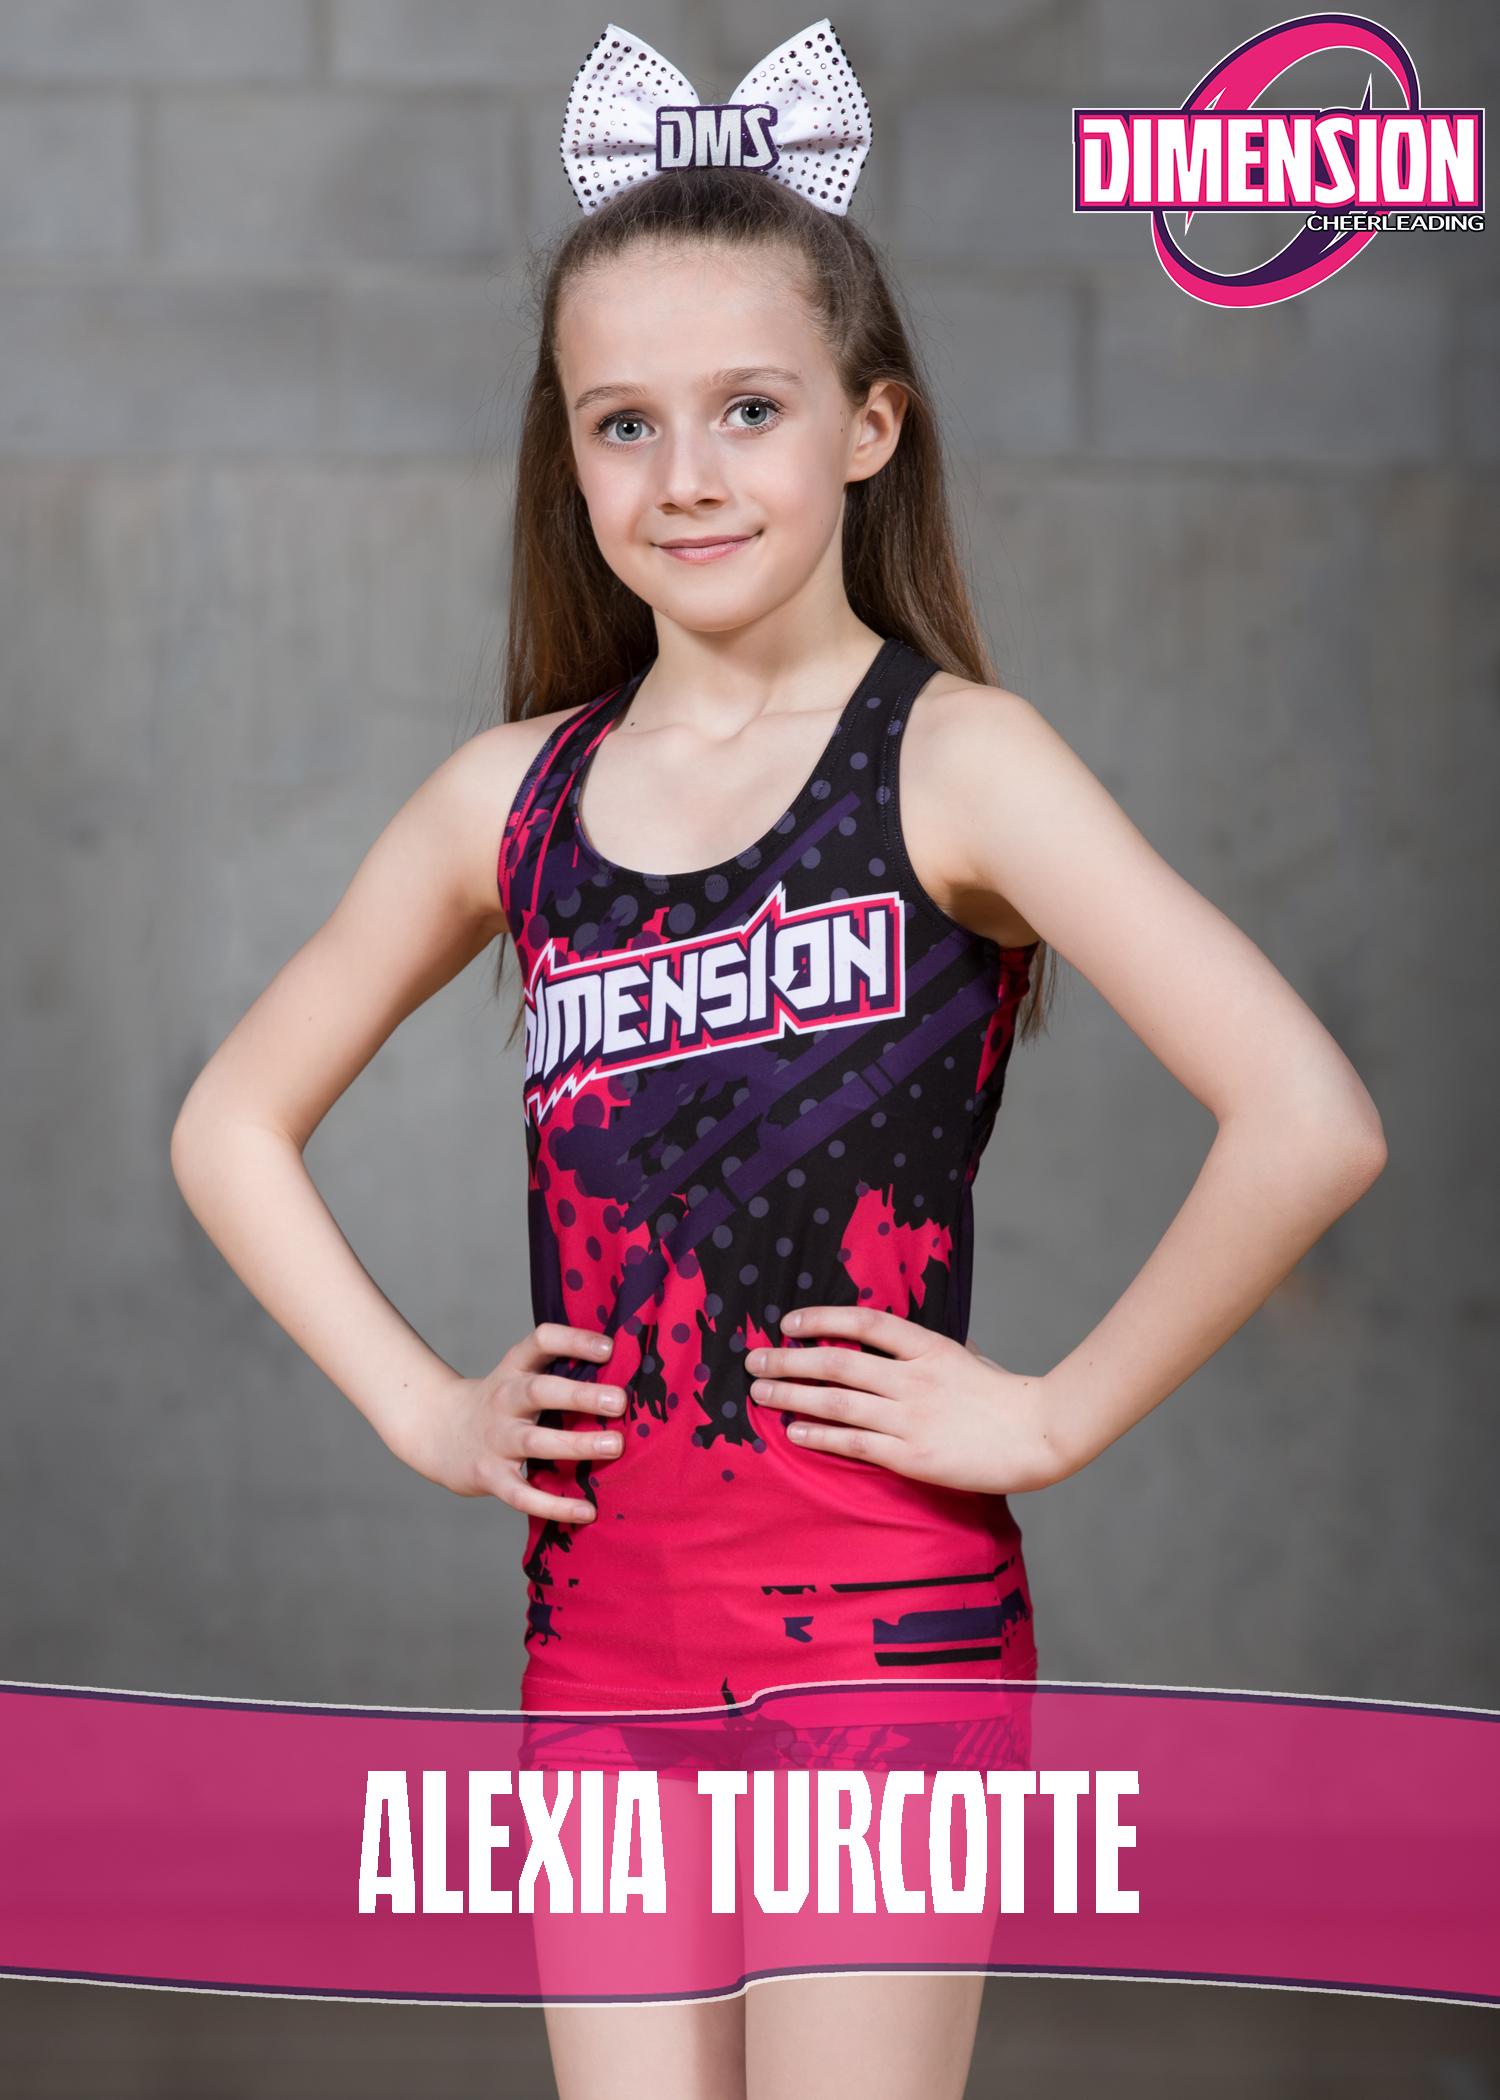 Alexia Turcotte